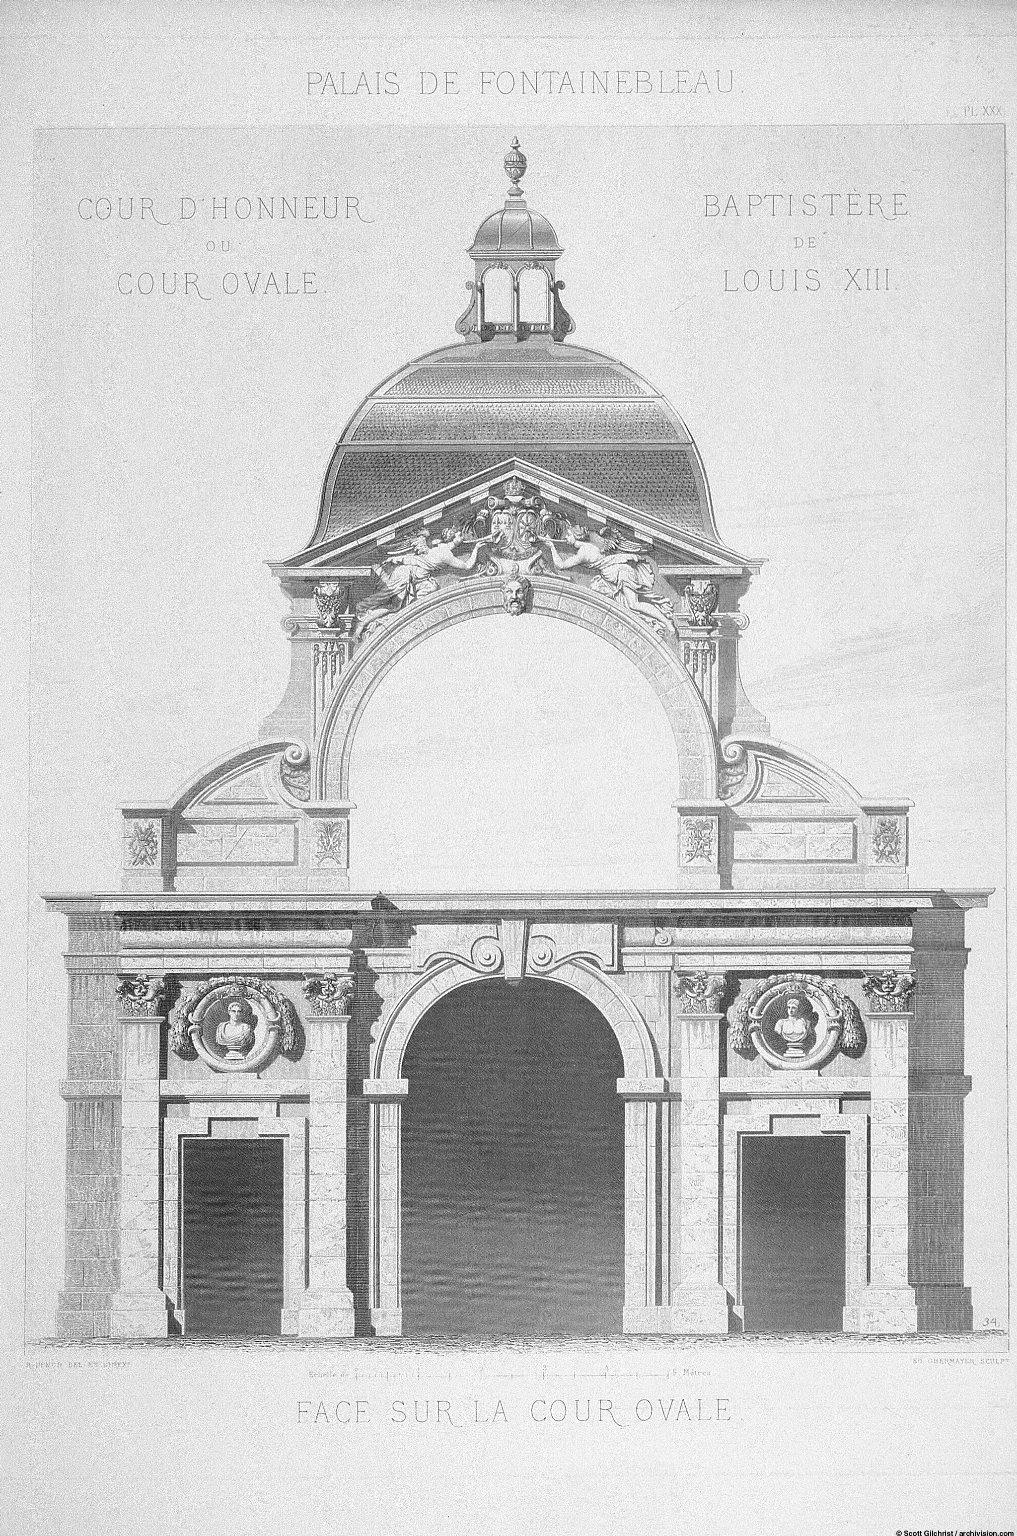 Monographie du palais de Fontainebleau